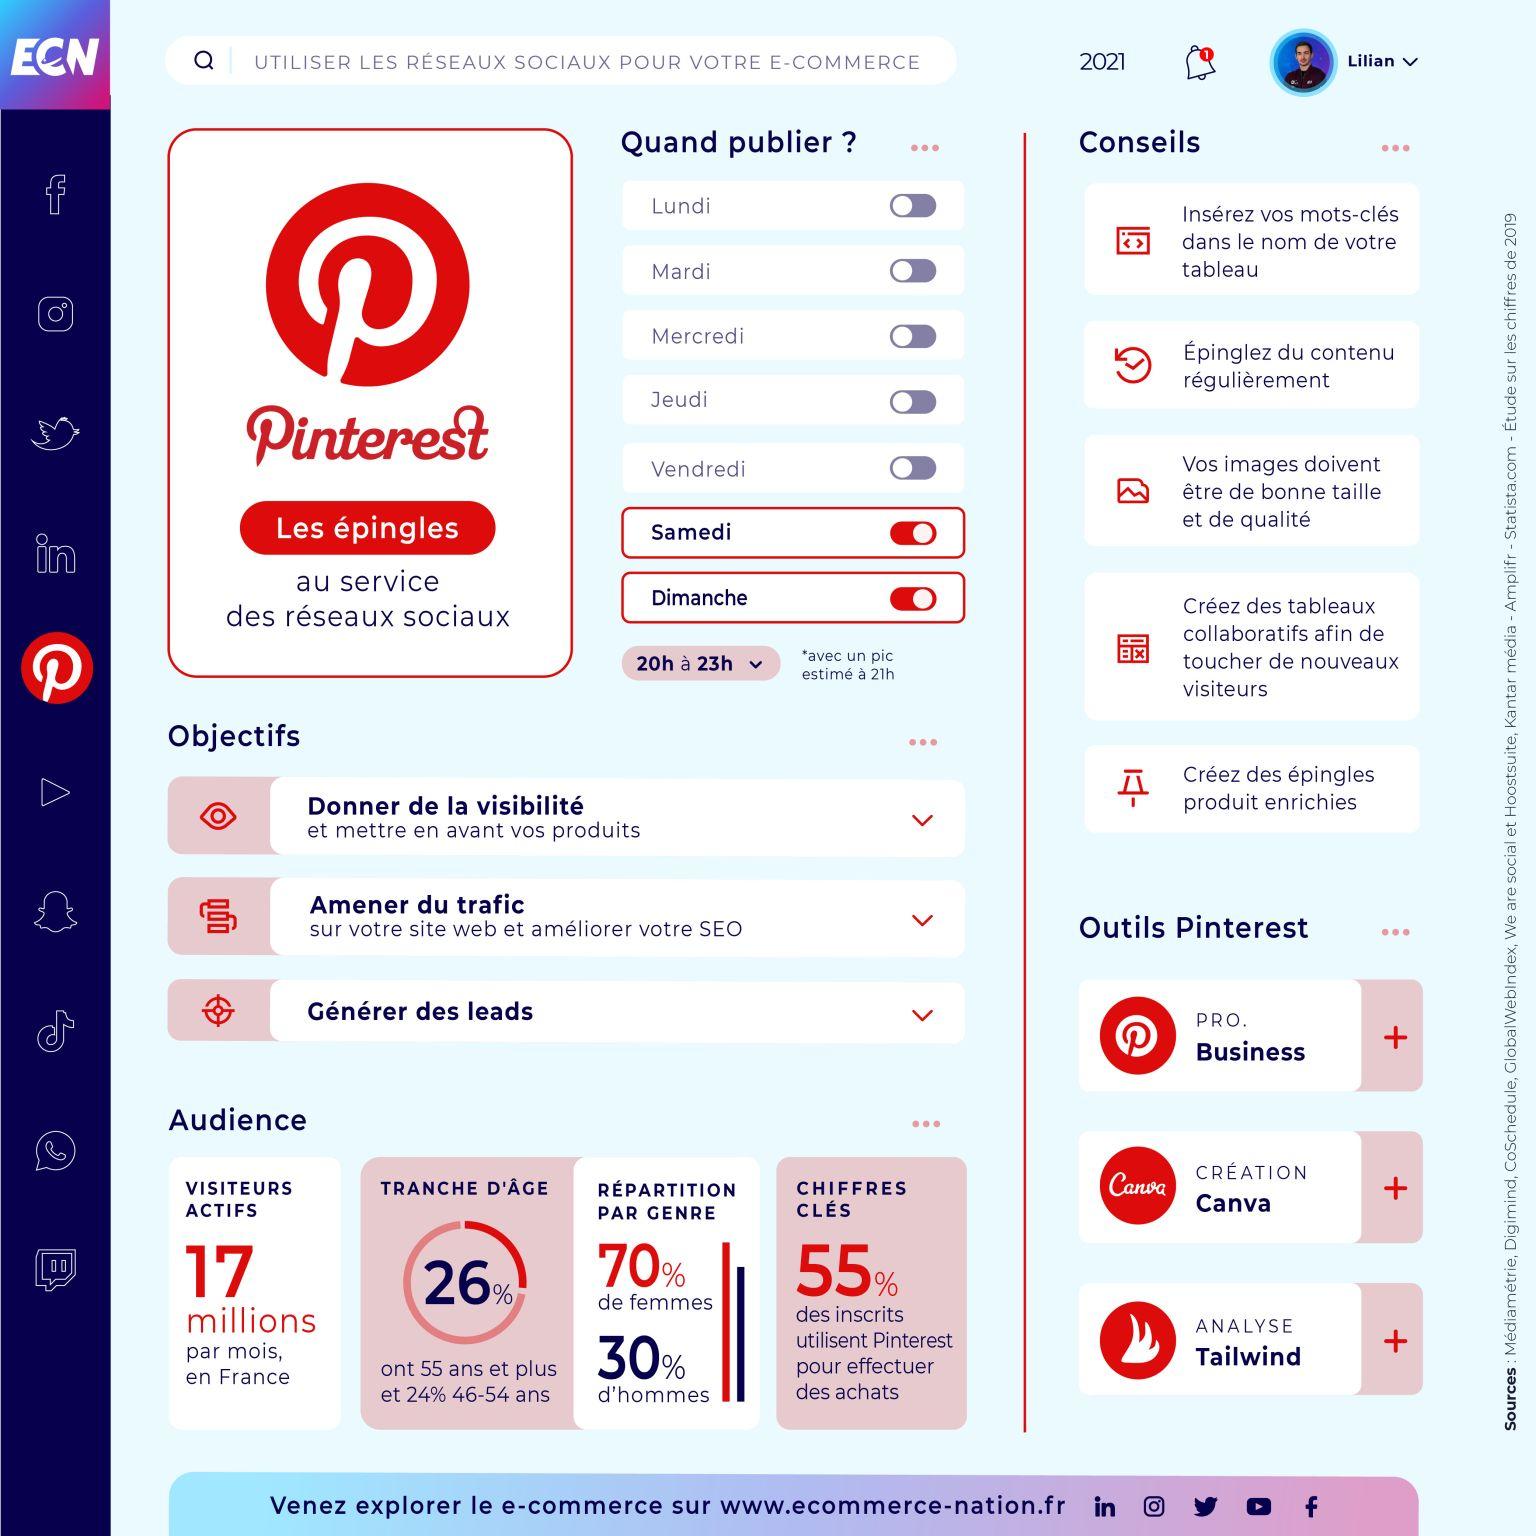 Infographie Pinterest par Ecommerce Nation